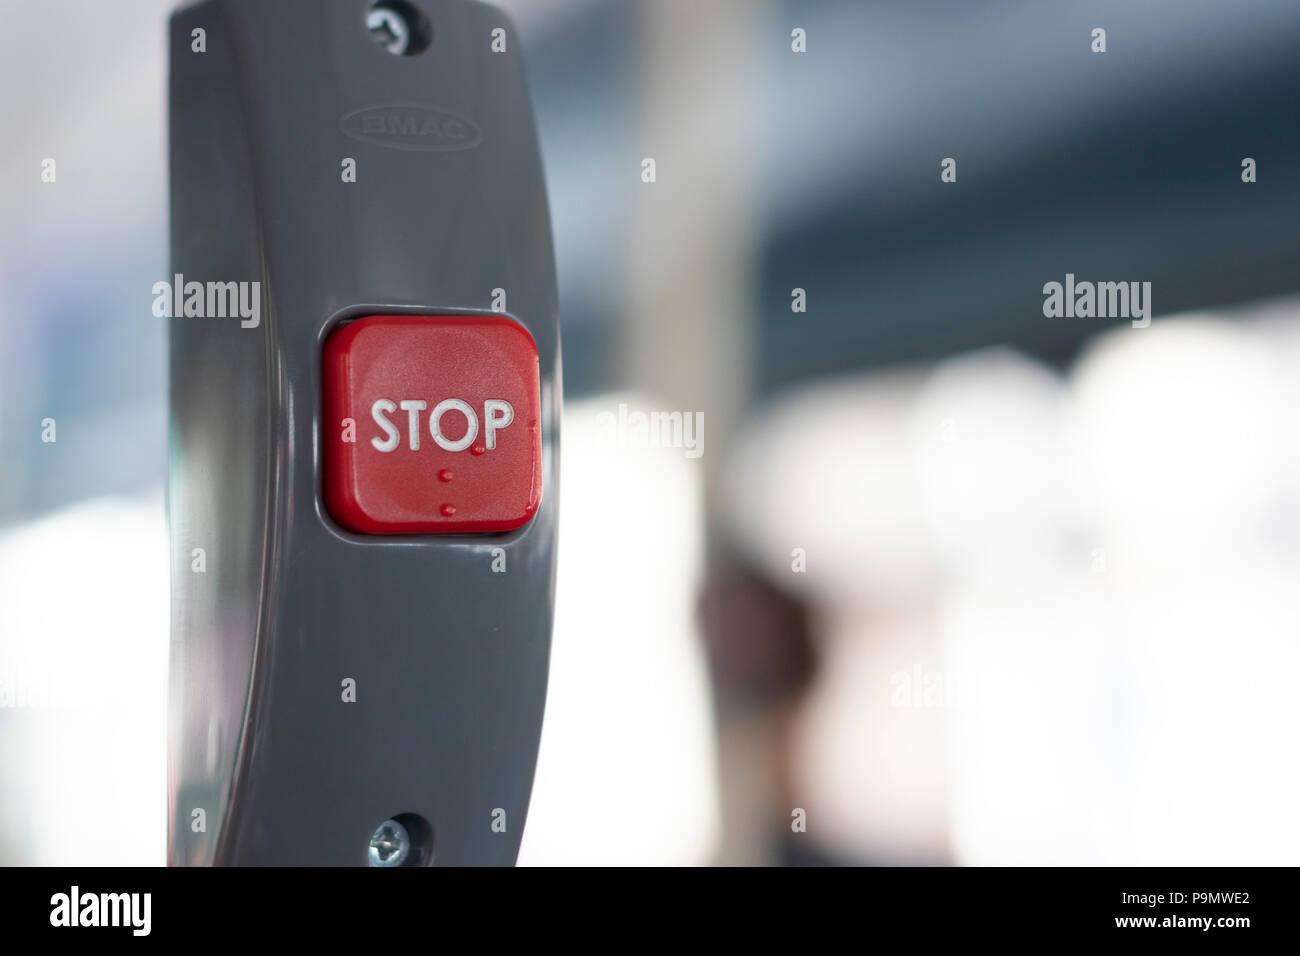 Richiesta di arresto sul pulsante di Londra Trasporto bus Immagini Stock